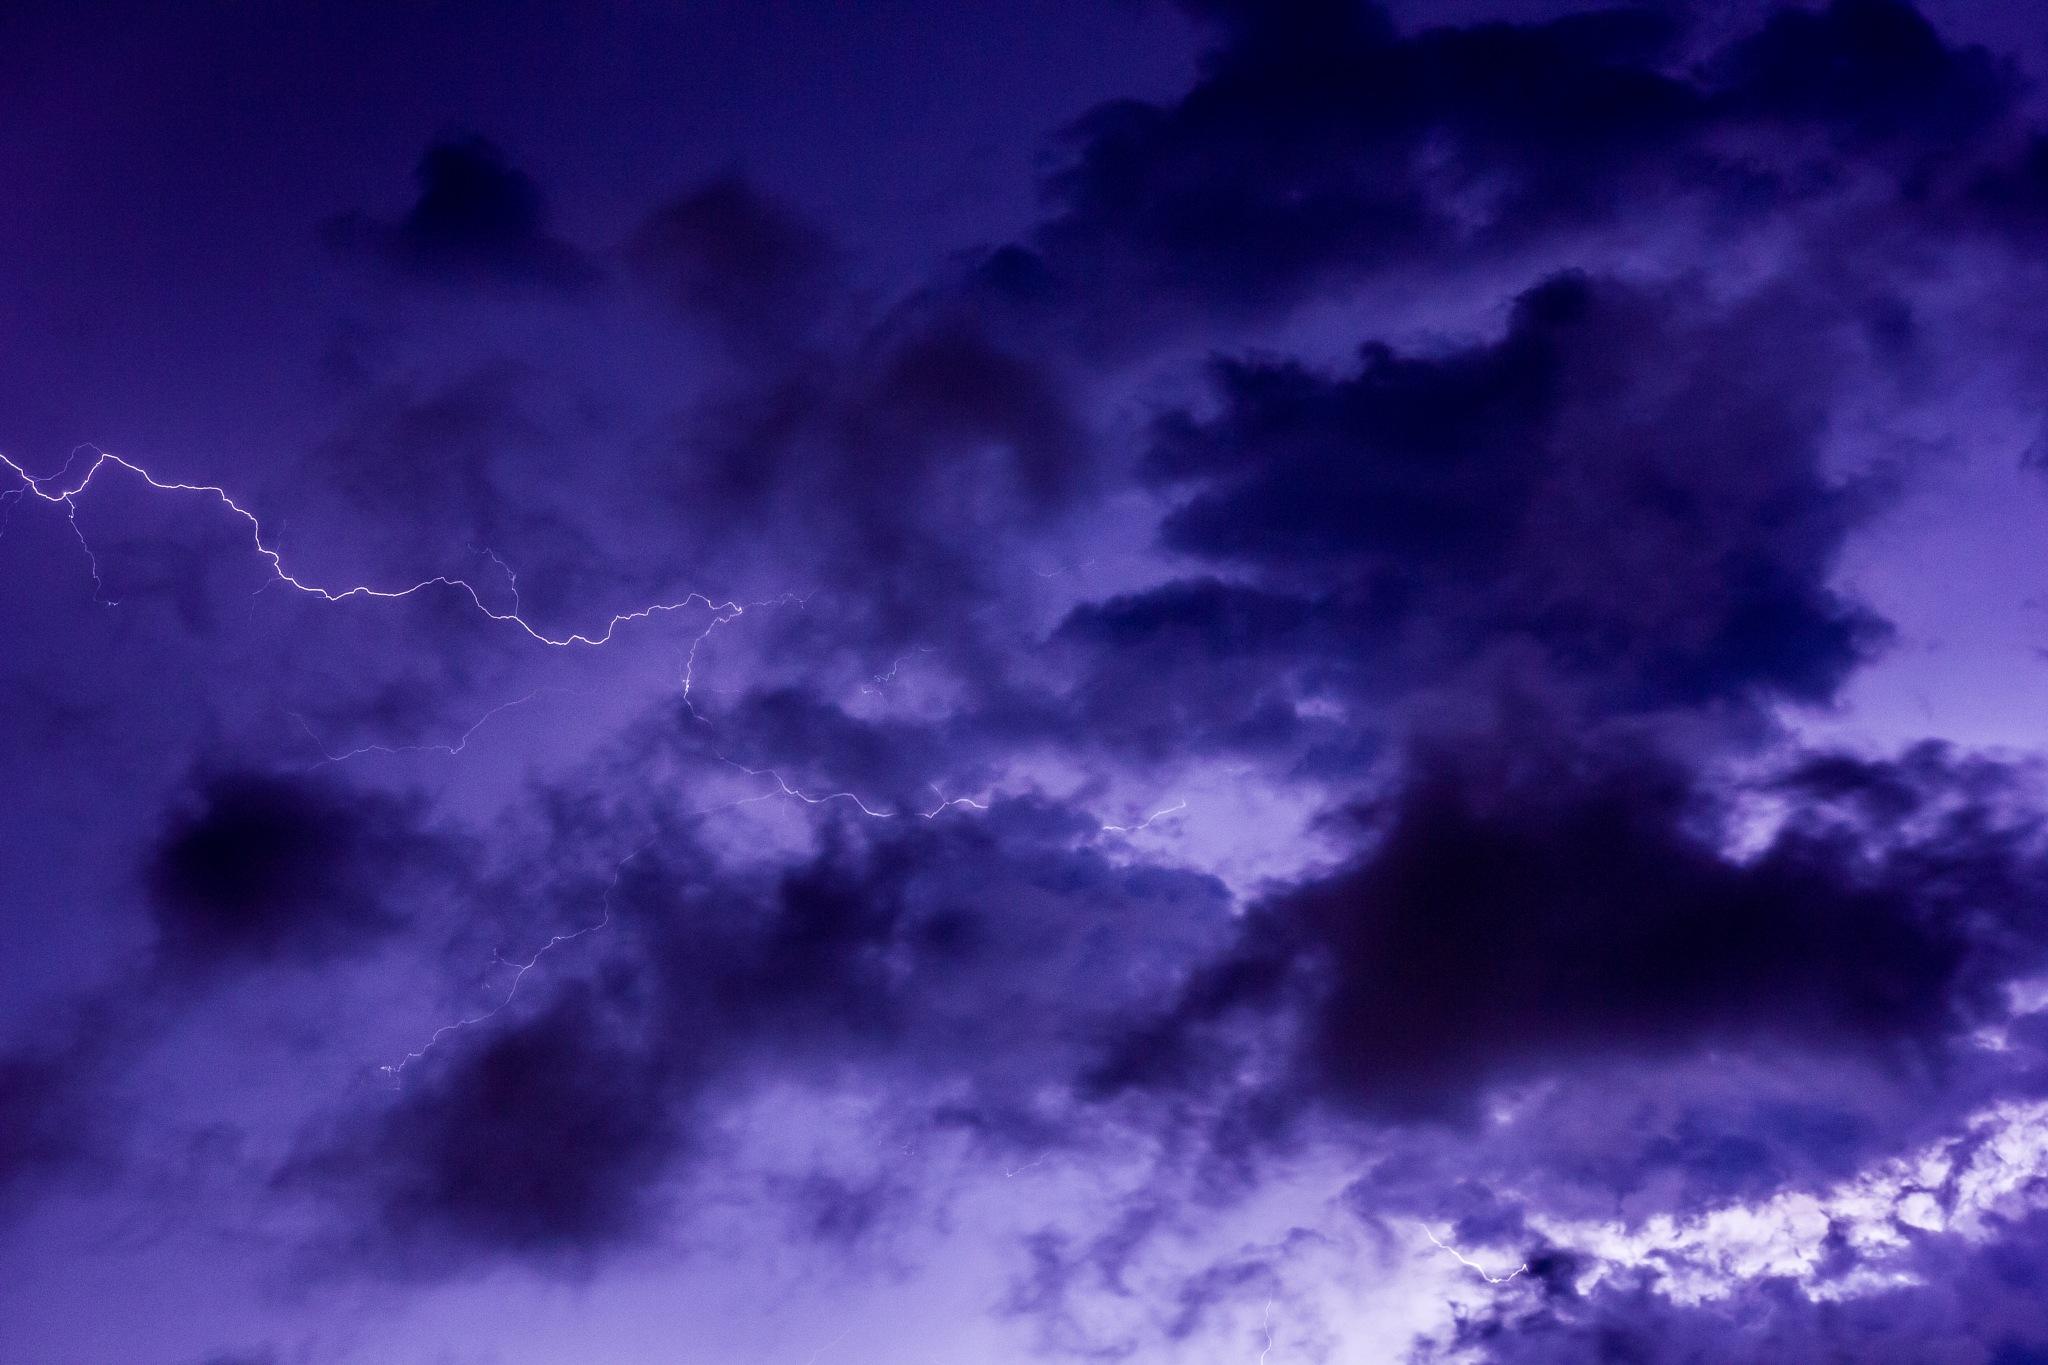 Thunderstorm by Hofi Styluz